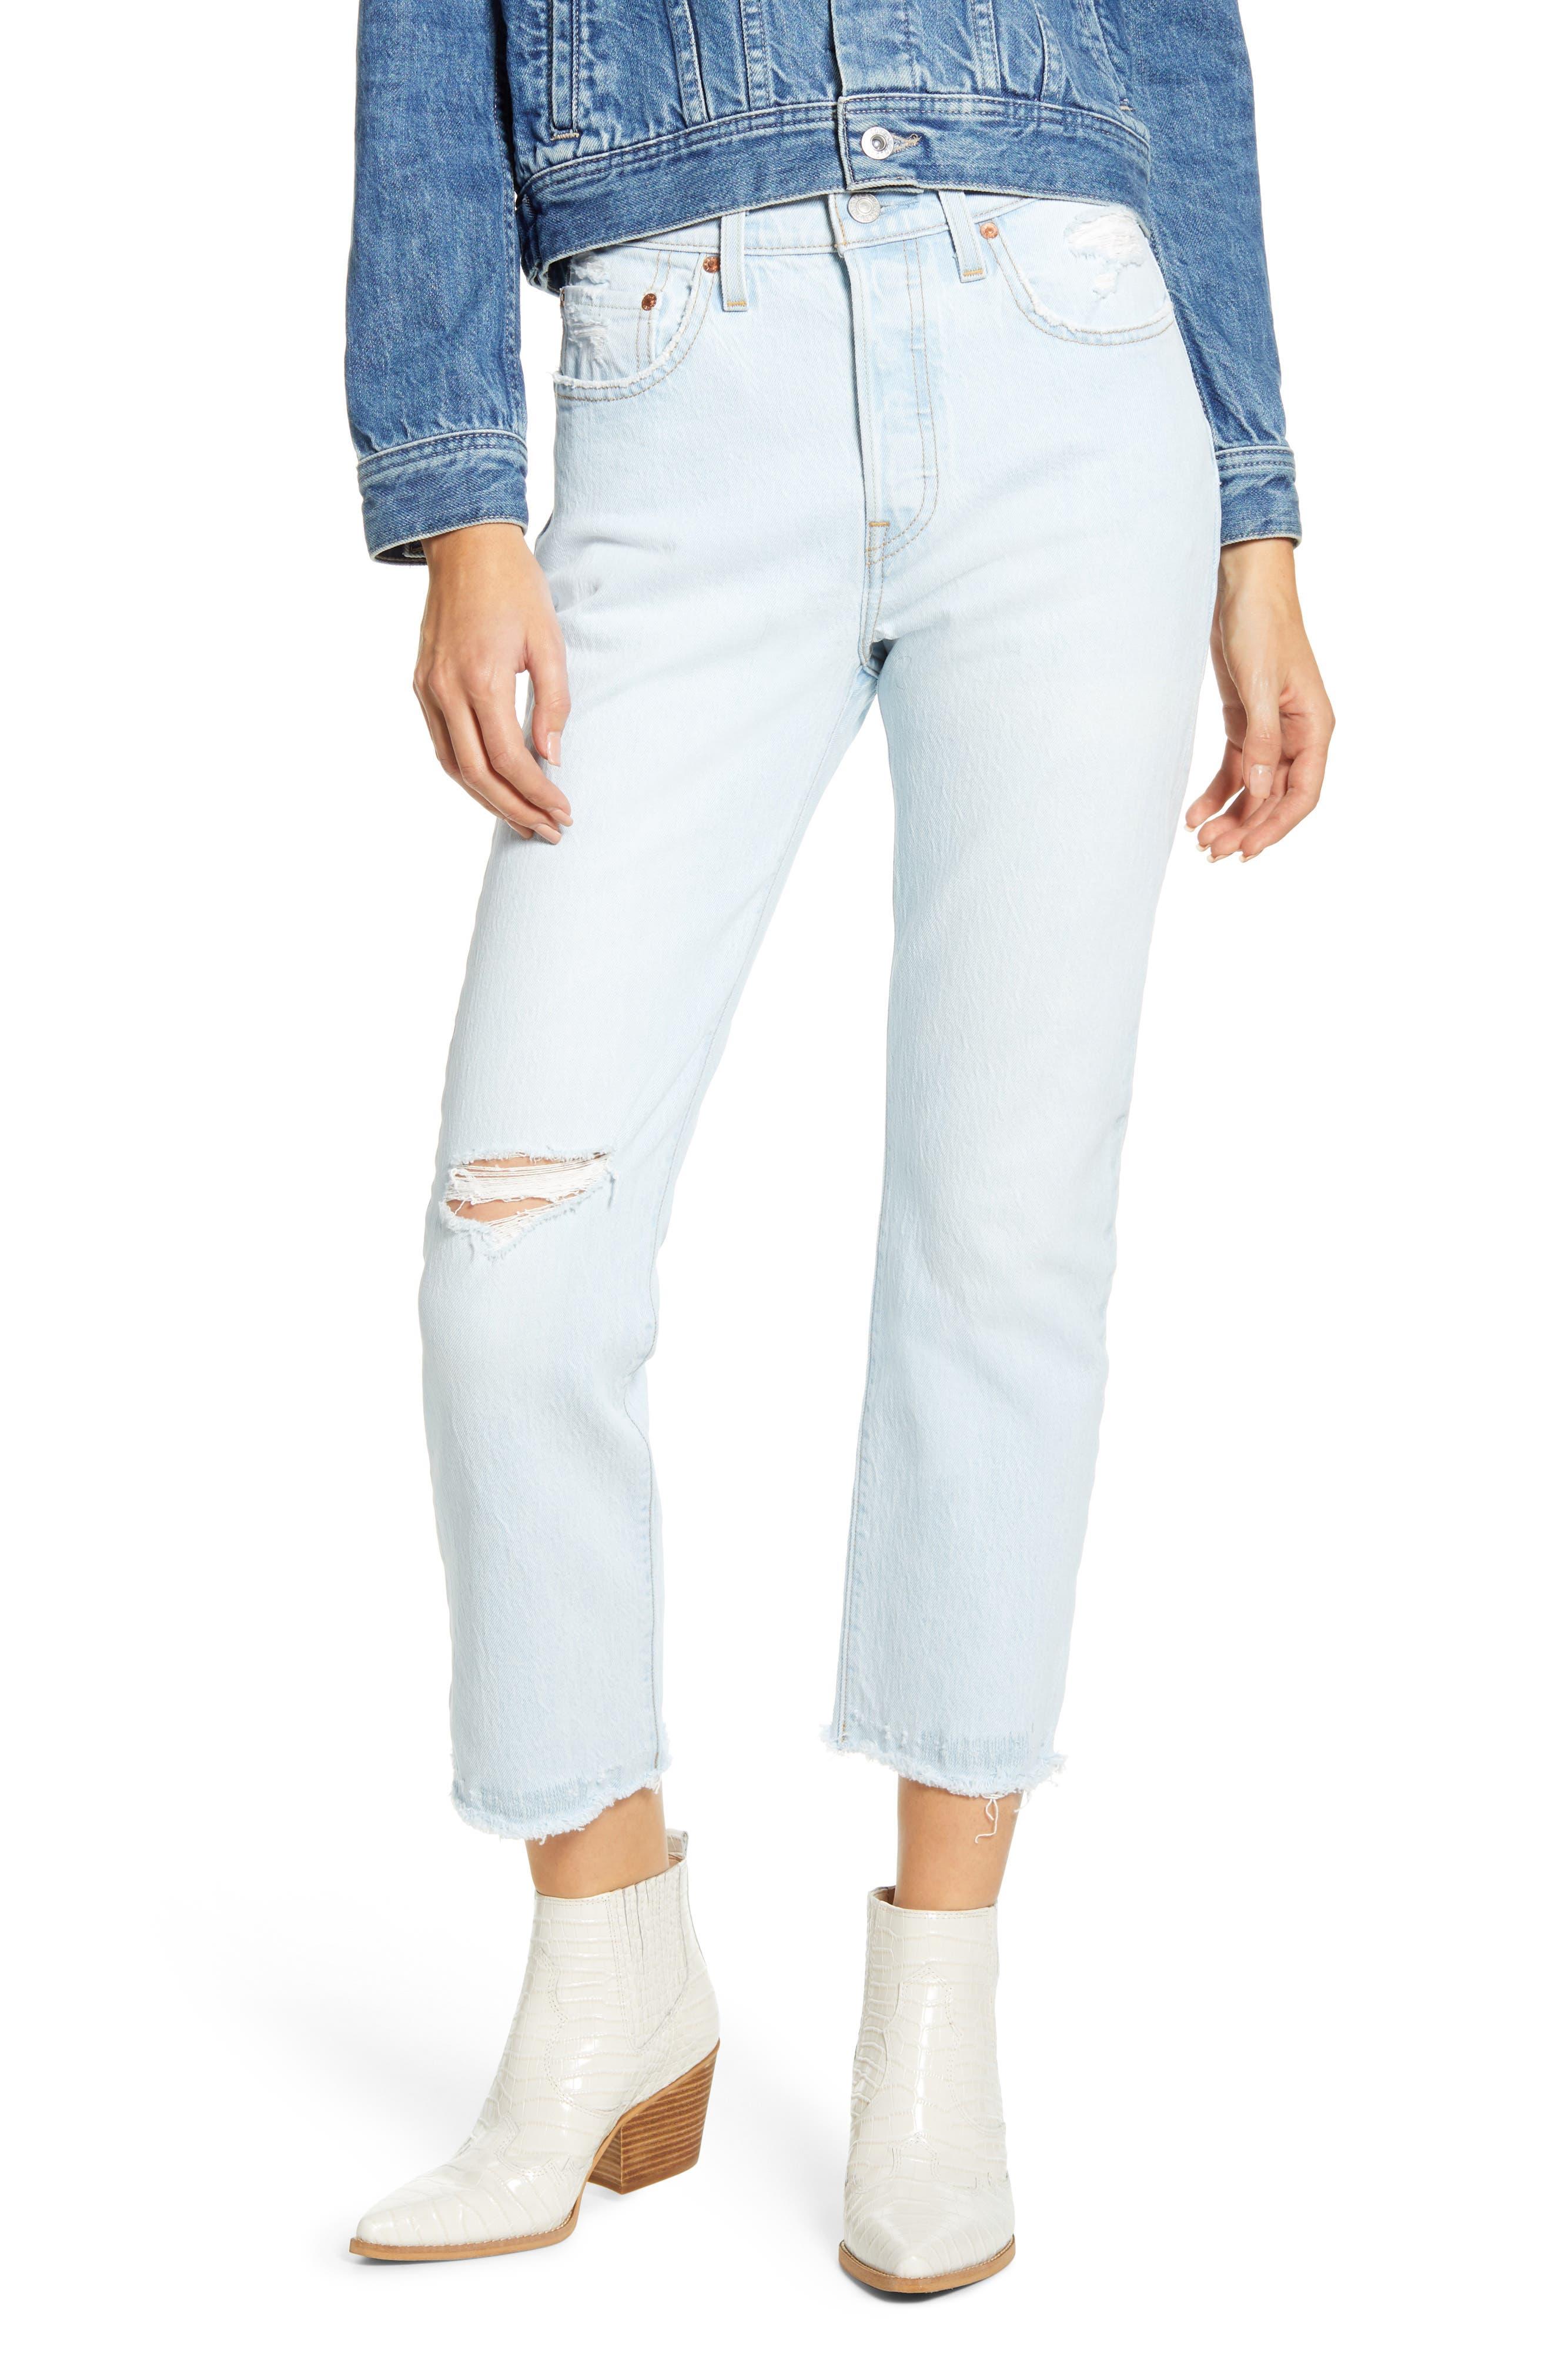 Women's Levi's 501 Ripped High Waist Crop Straight Leg Jeans,  26 x 26 - Blue